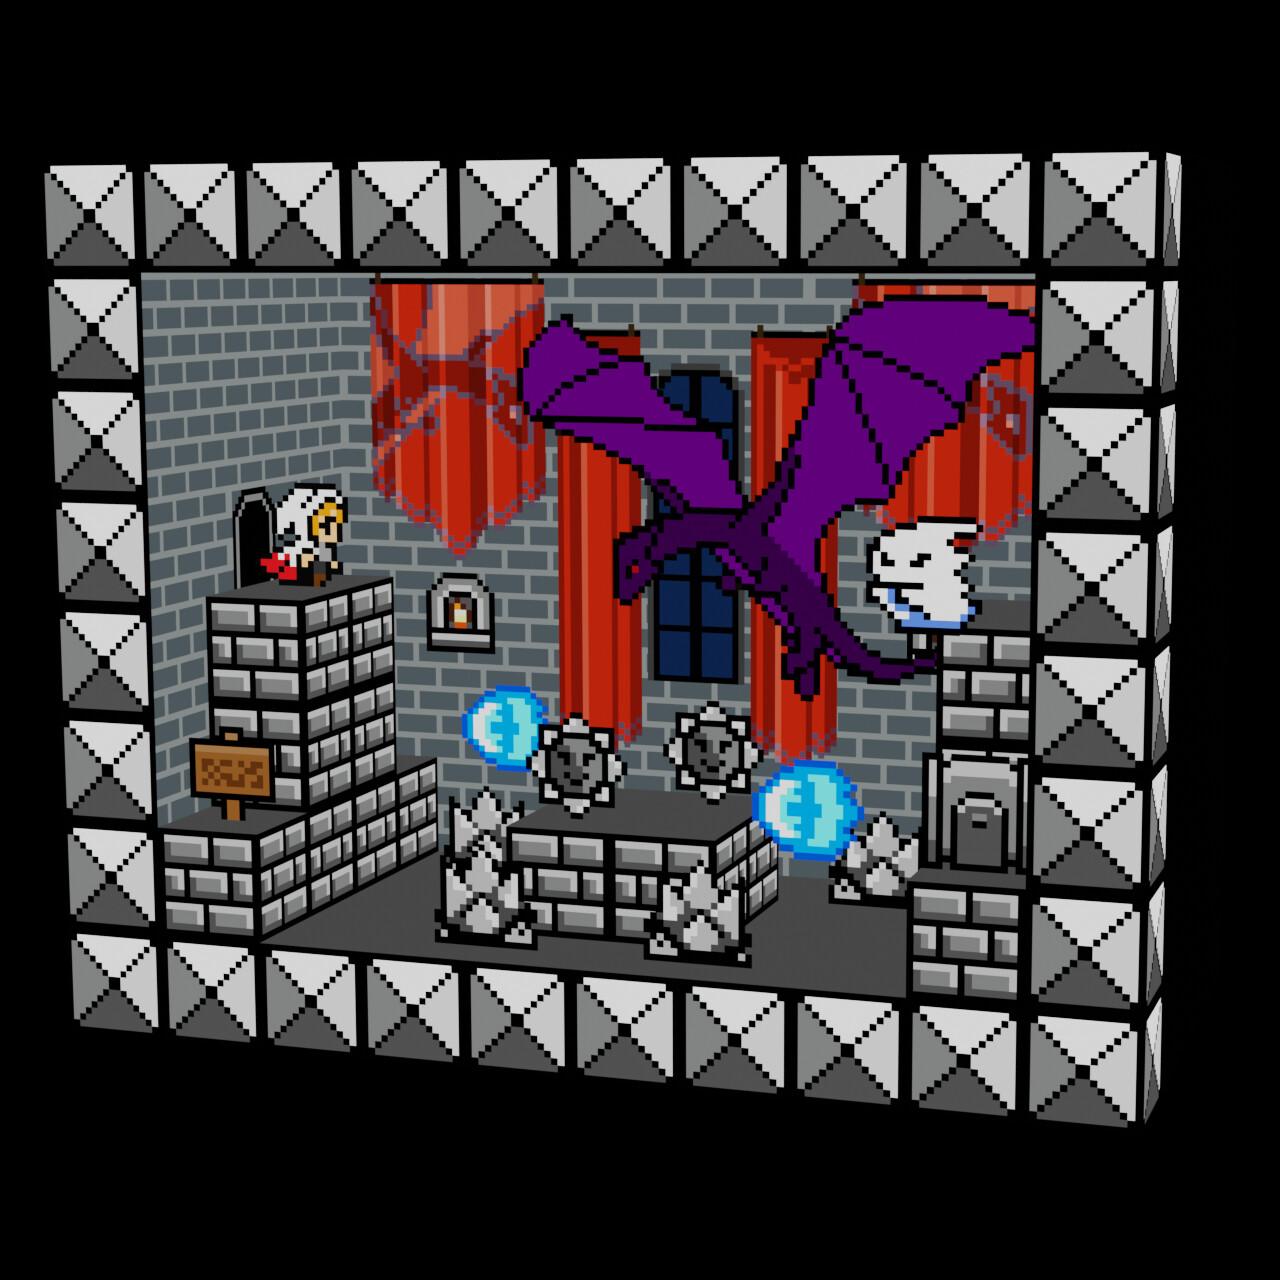 Magick - Chapter 5 (Diorama 3D)